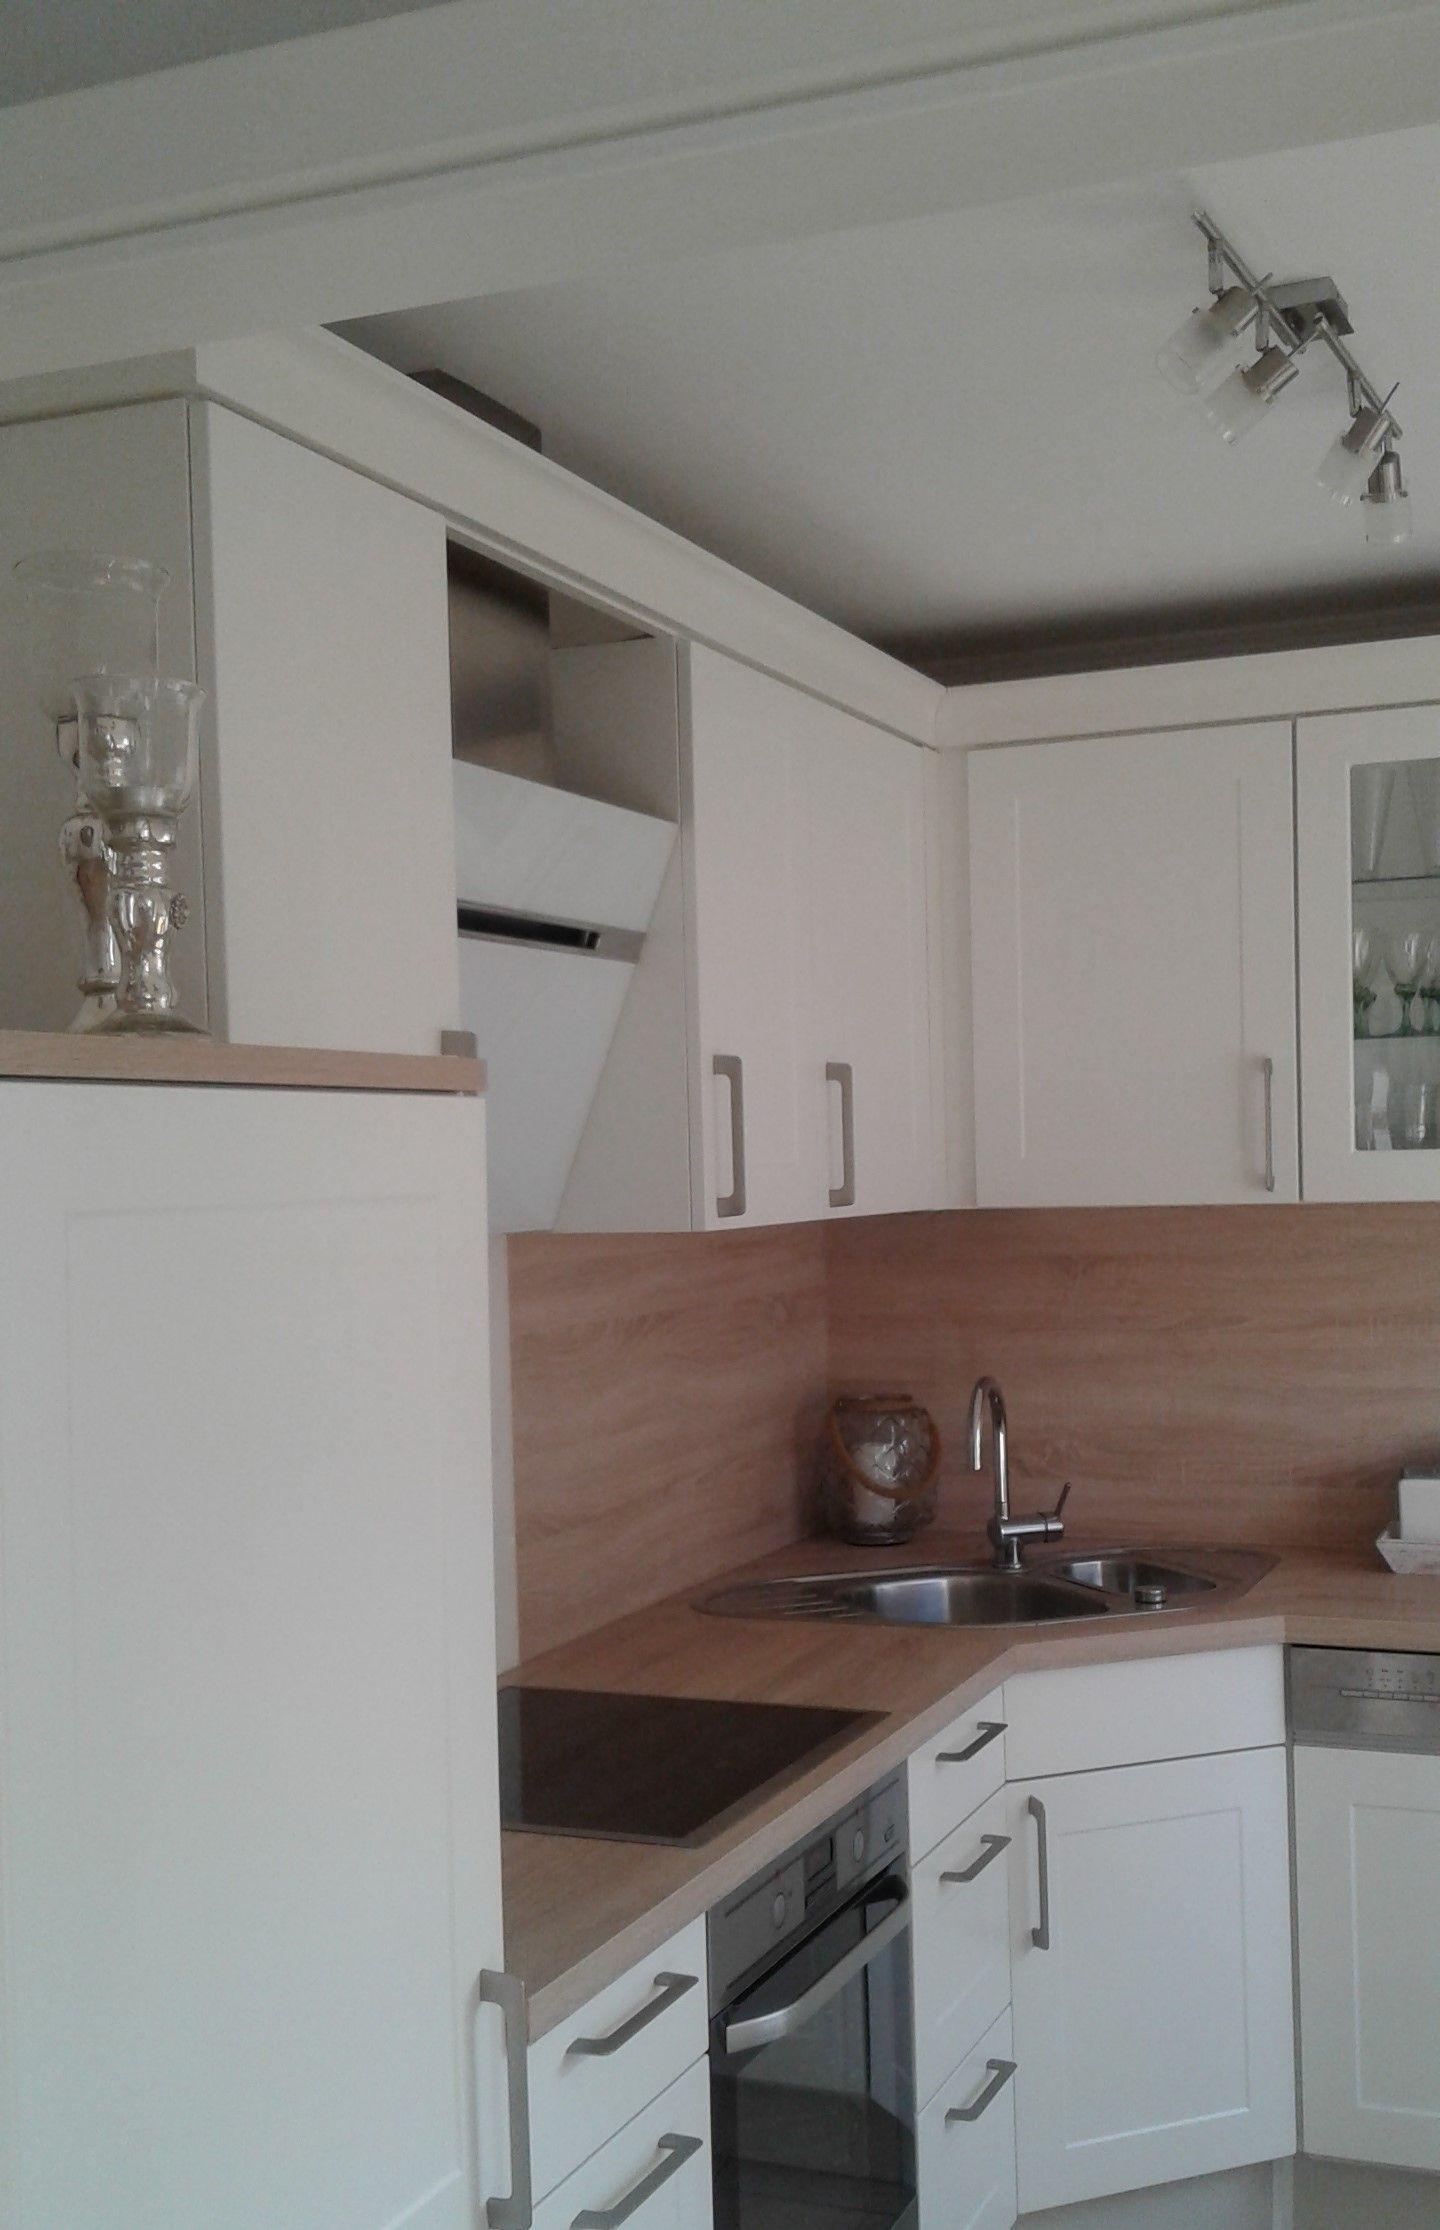 Moderne Landhauskuche In Weiss Arbeitsplatte Und Ruckwand In Eiche Haus Kuchen Moderne Landhauskuche Landhauskuche